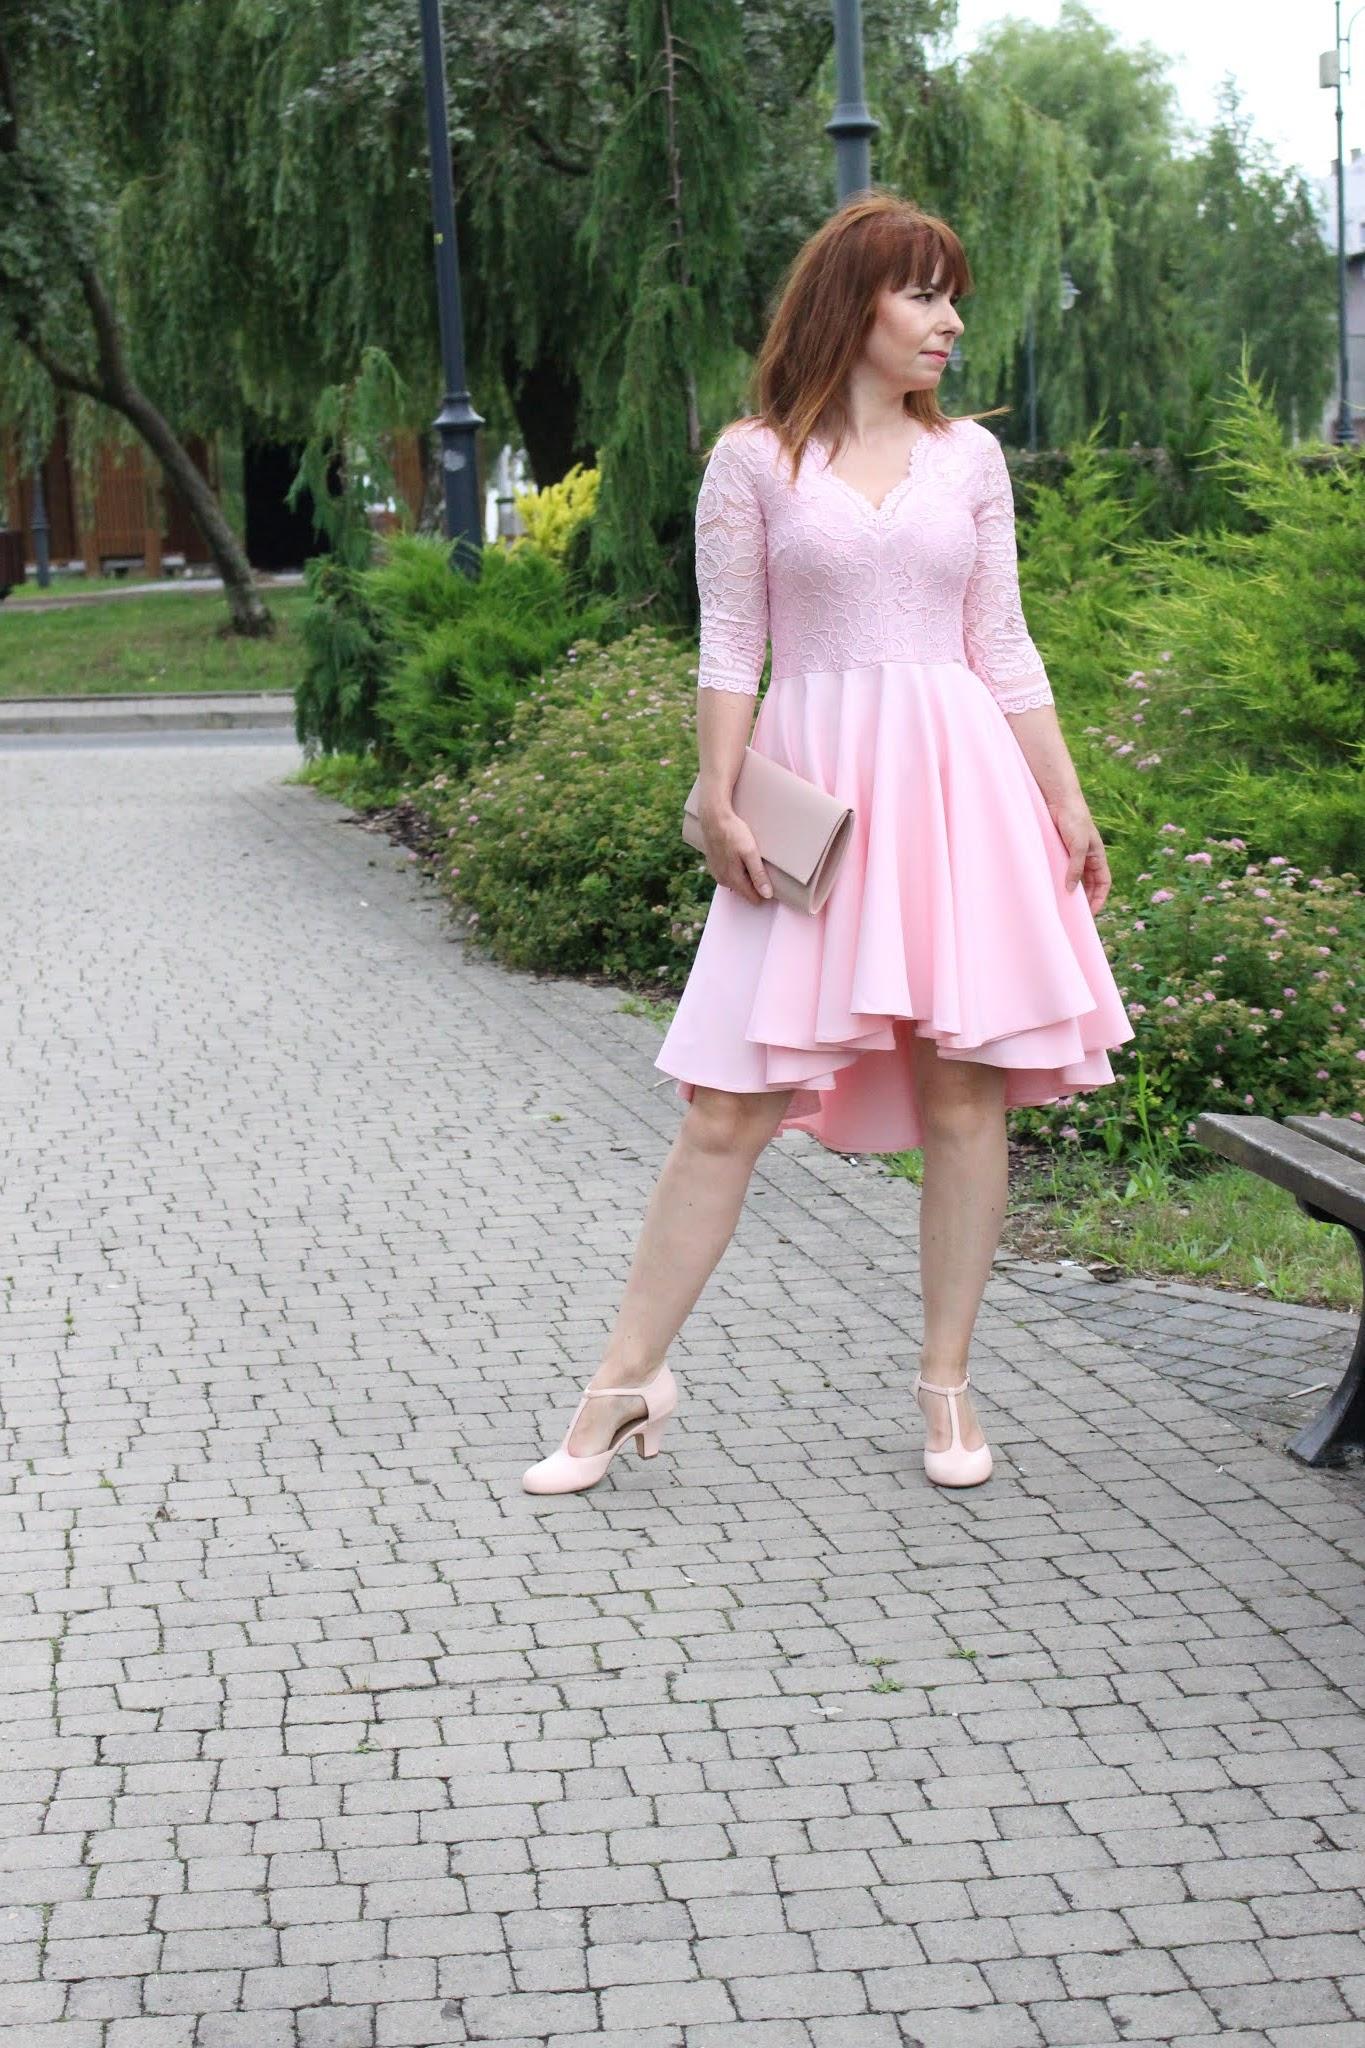 nicollepastelowa sukienka z dłuższym tyłem